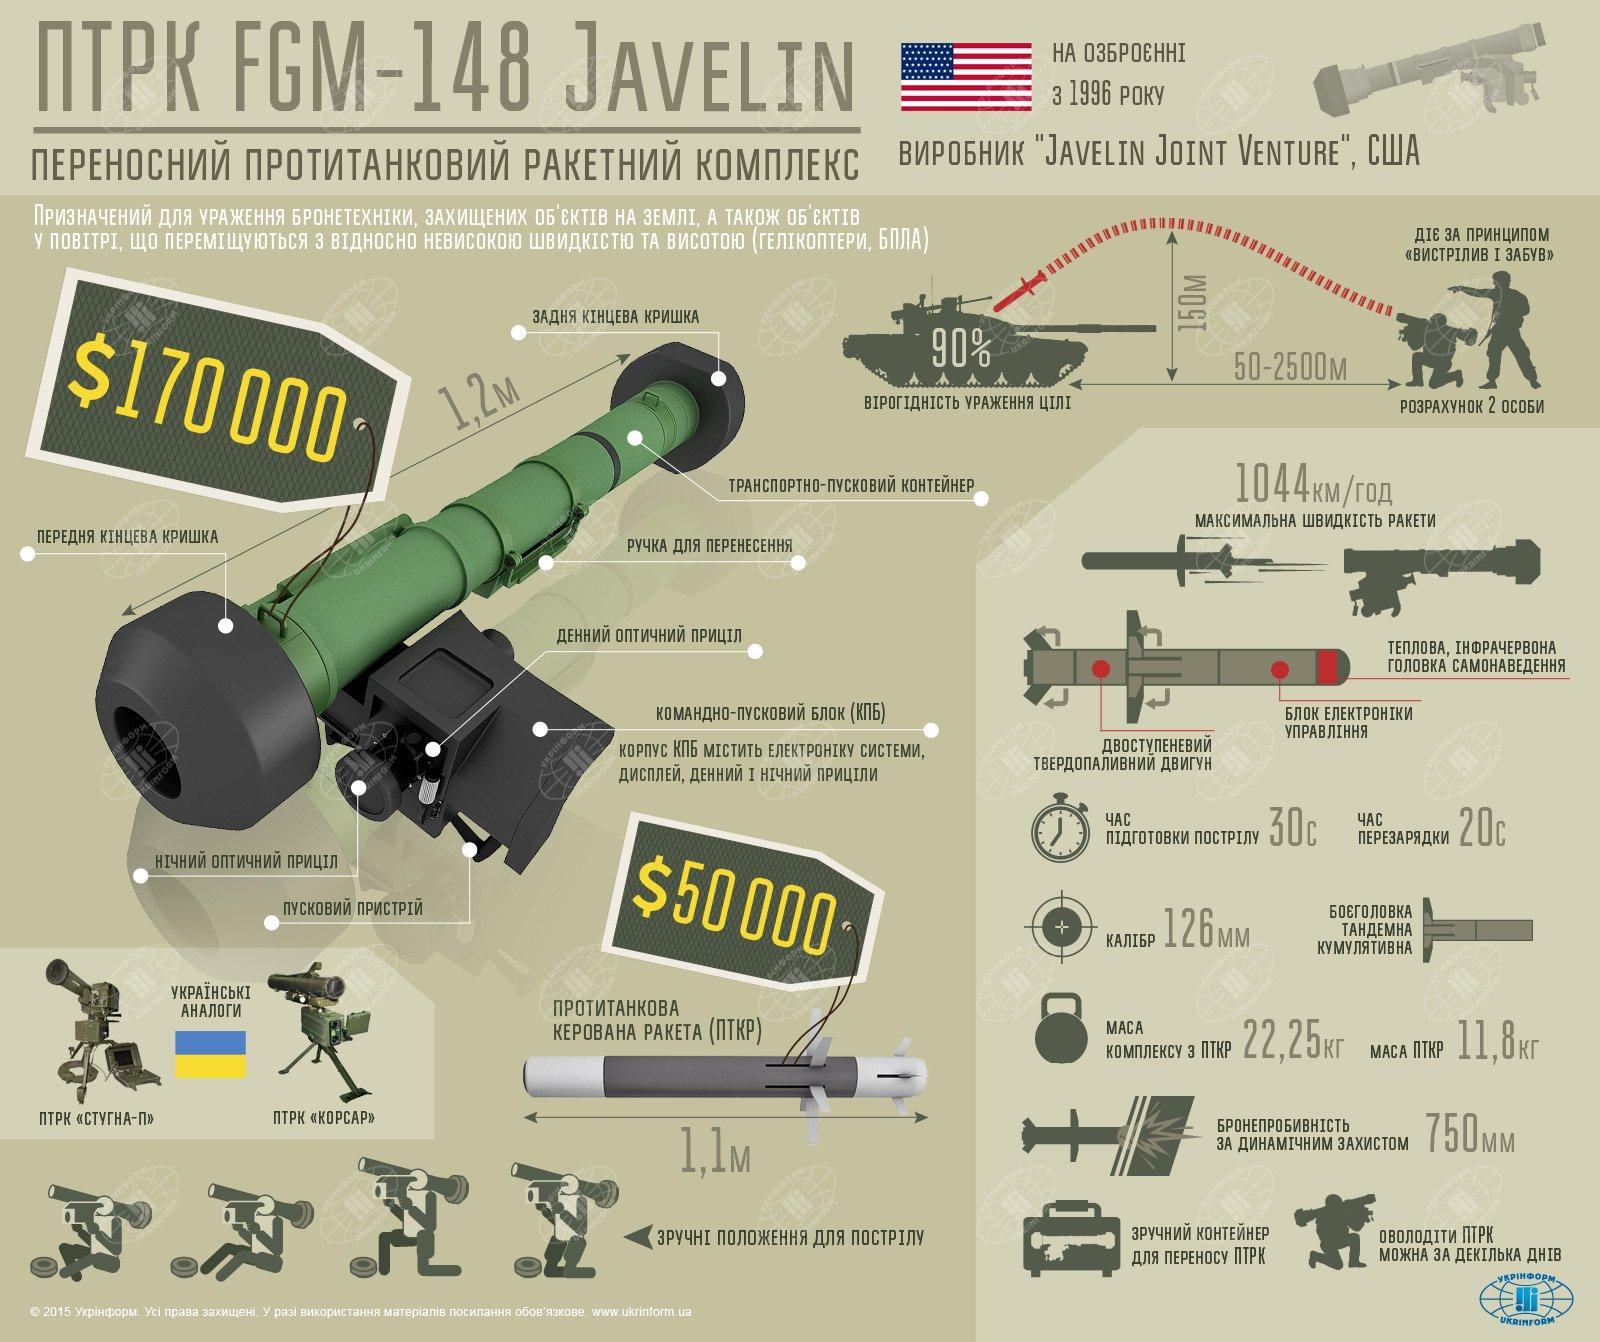 Javelin-ukr-V